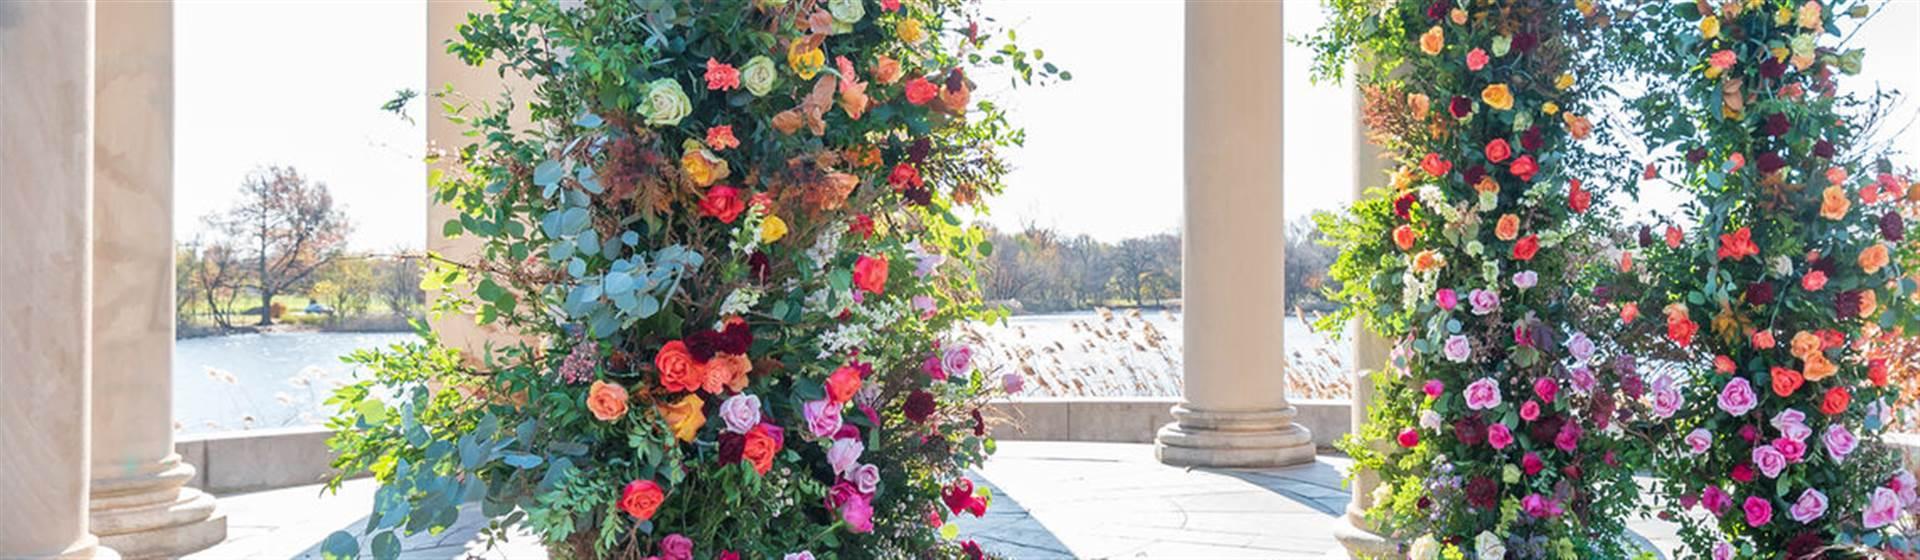 2021 Philadelphia Flower Show